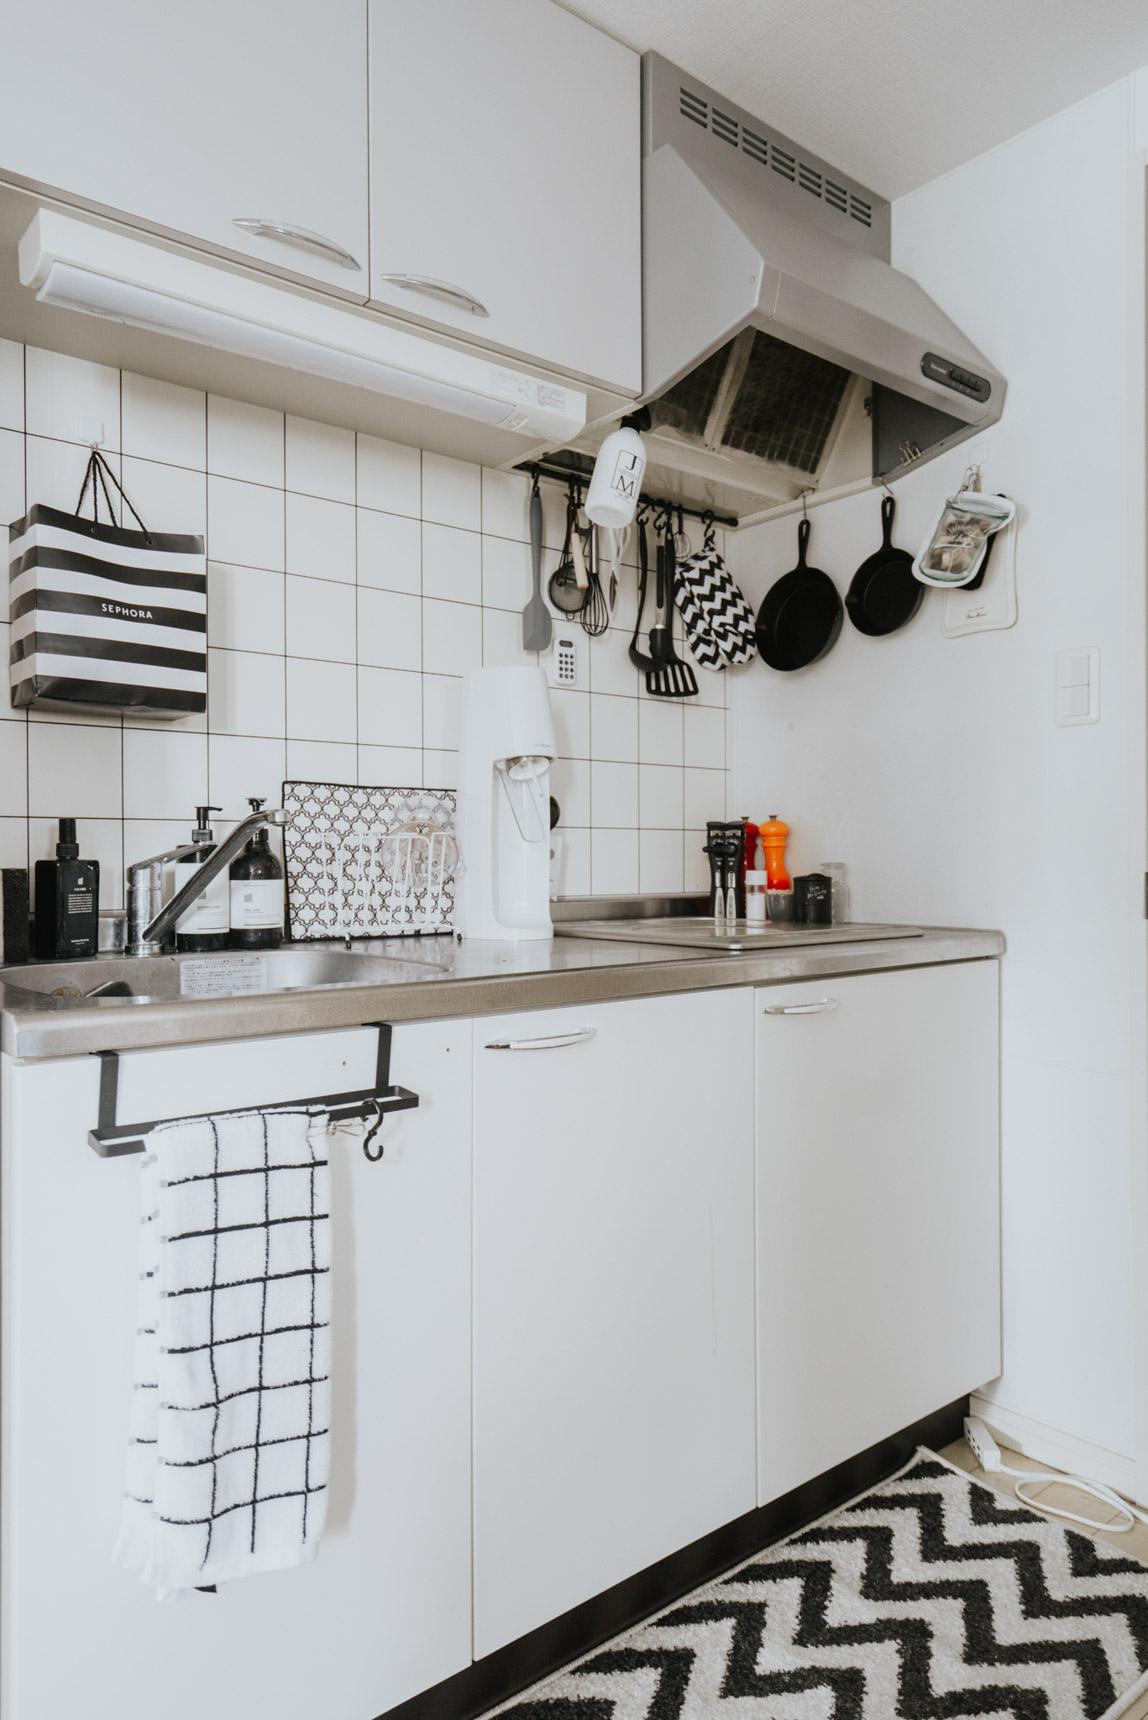 キッチンも、道具から洗剤まで、ほとんどが白黒!ここまで徹底するのはすごいですね。